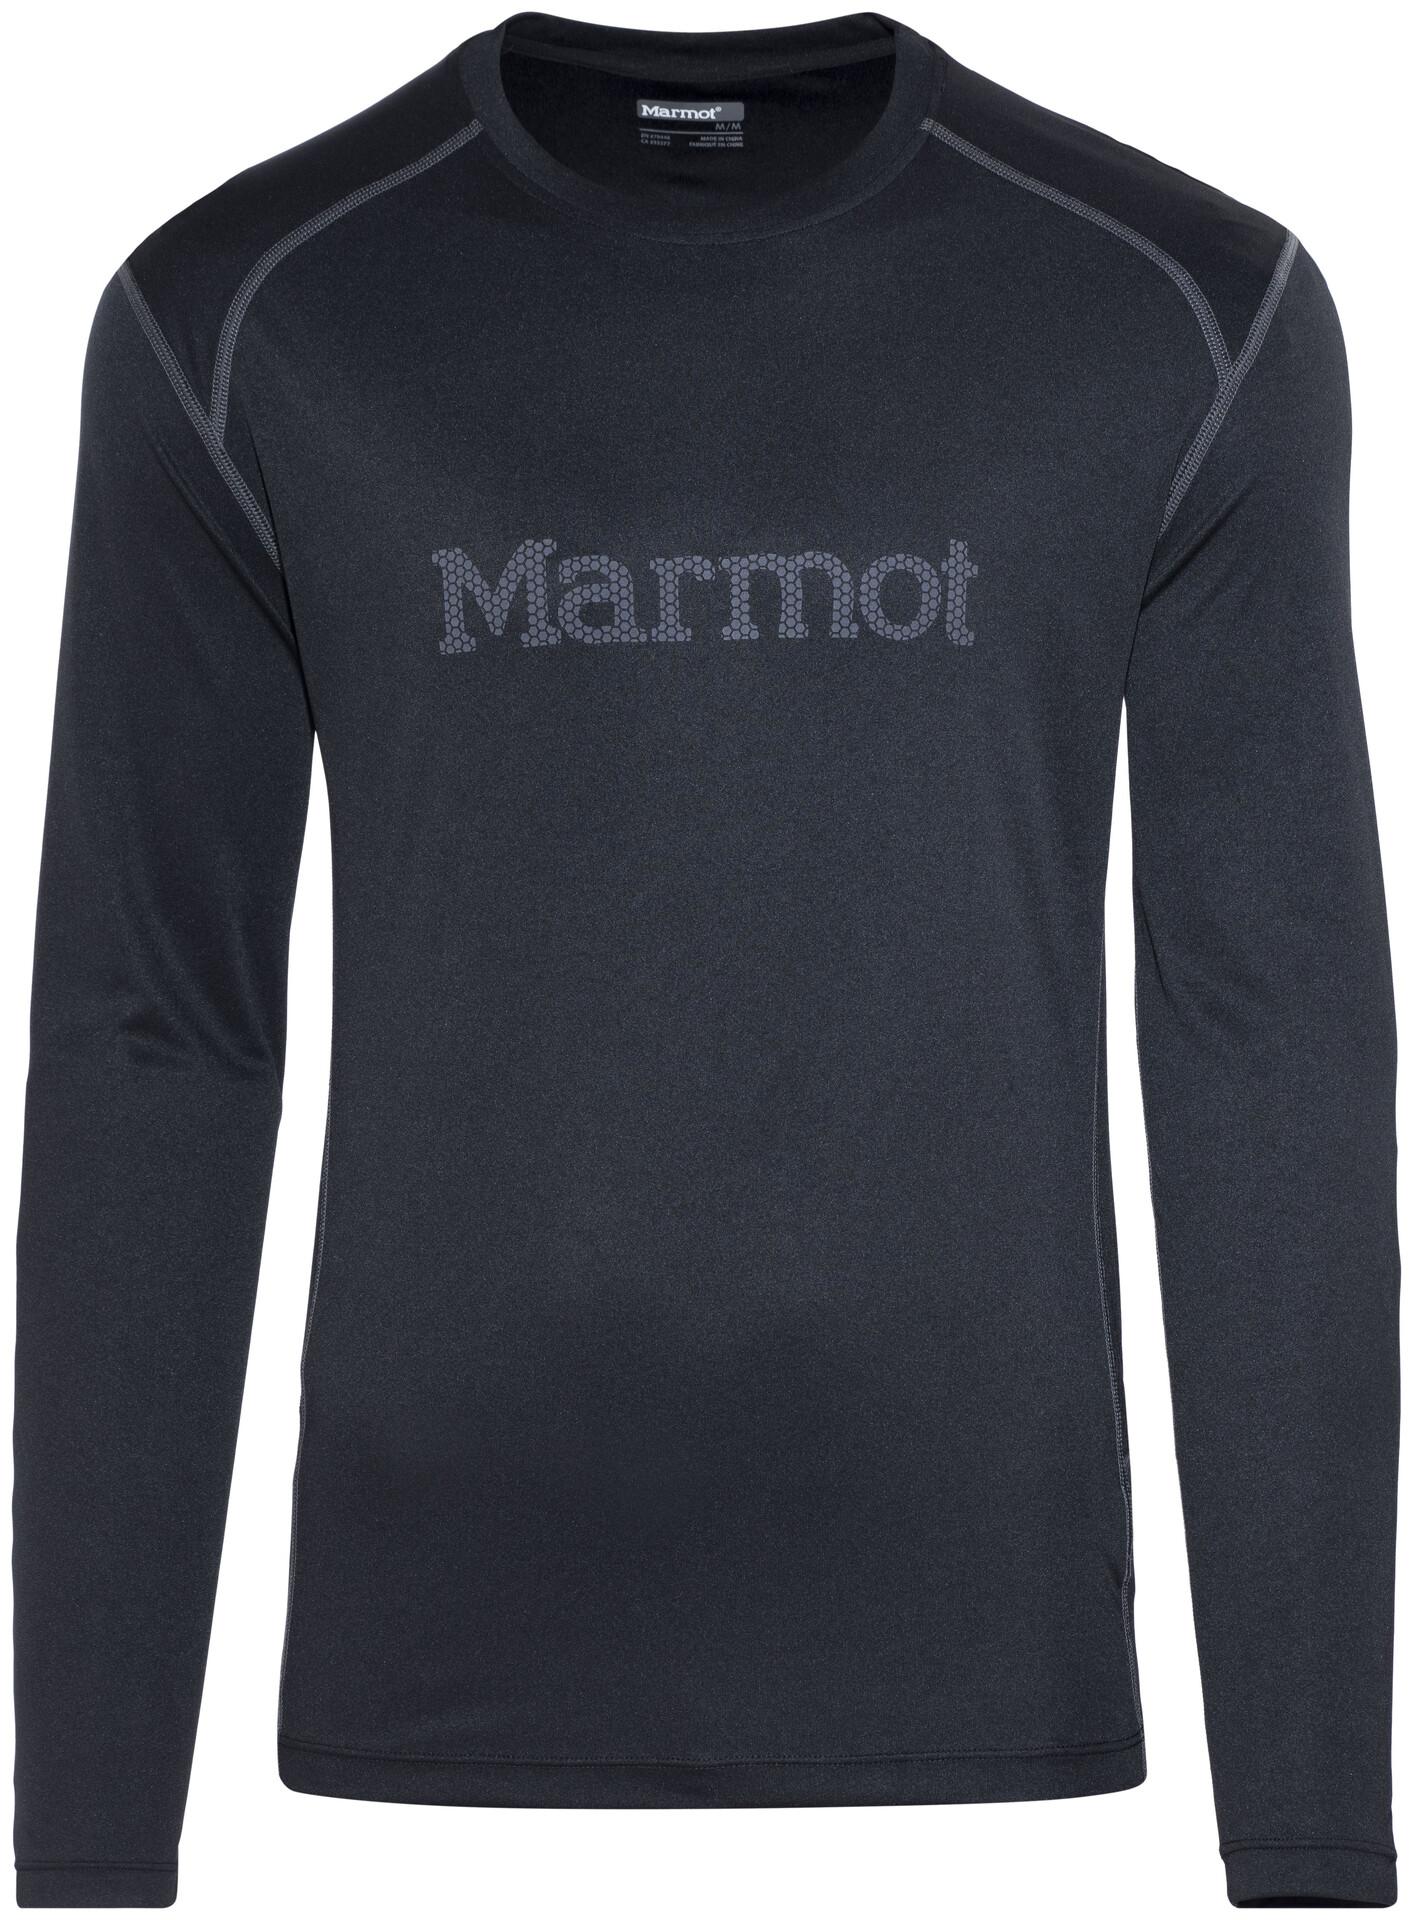 Direct Alpine Shark T-Shirt LS Langarm-Funktionsshirt für Herren anthrazit